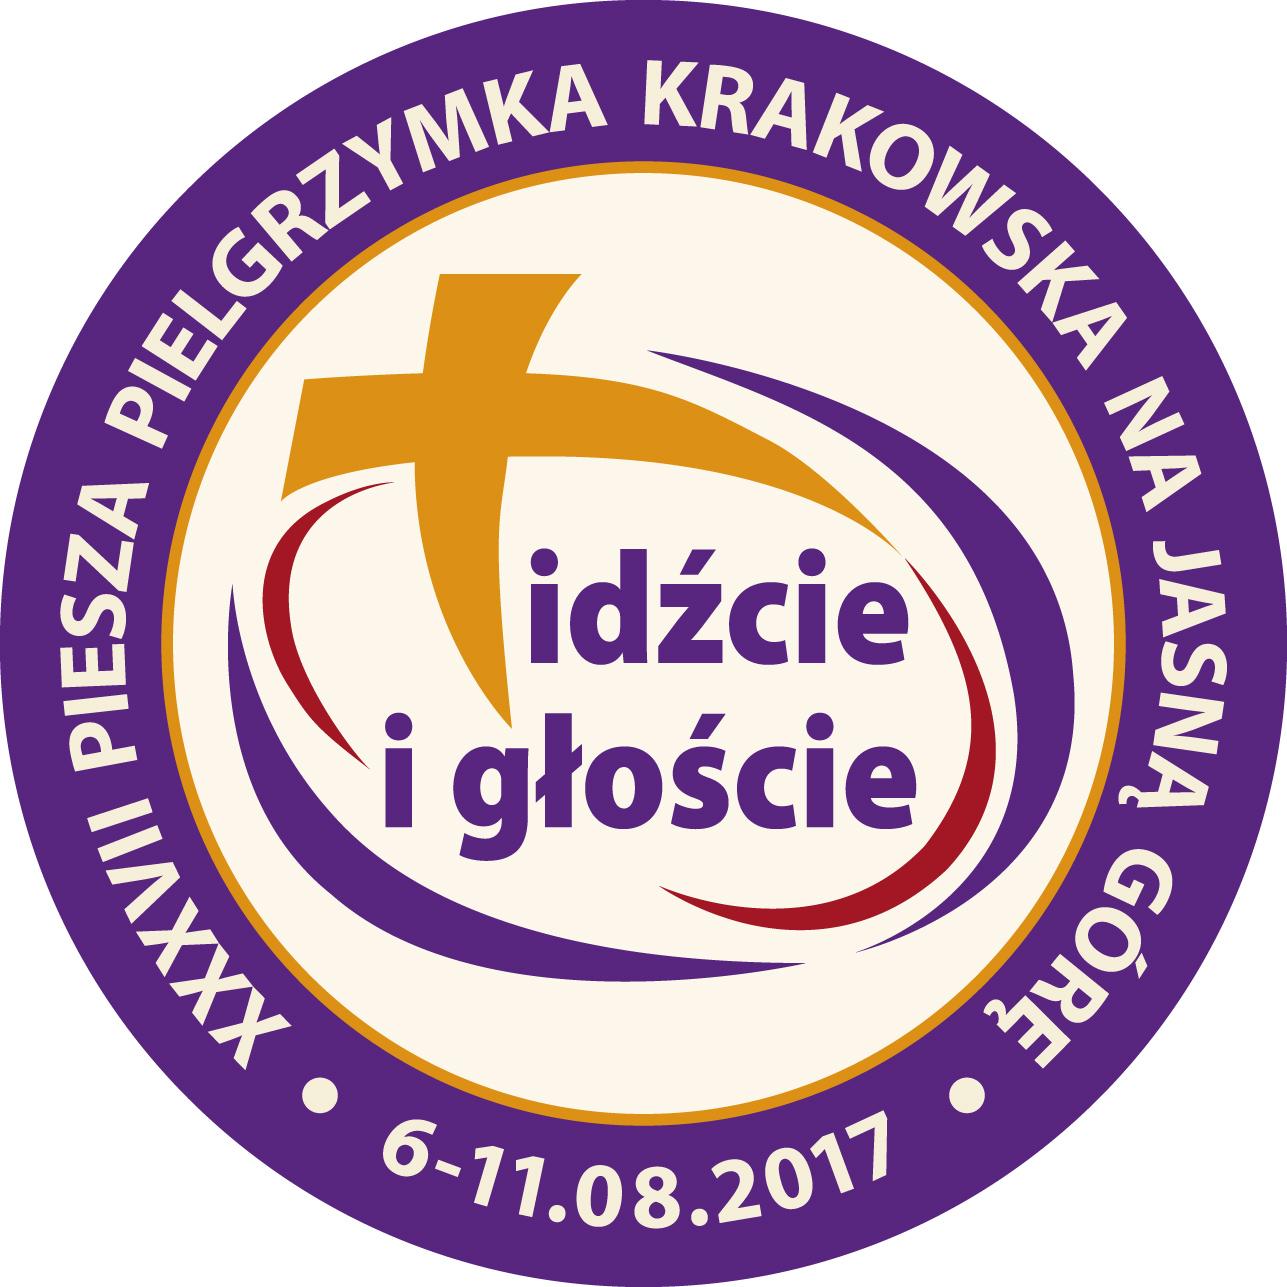 Piesza Pielgrzymka Krakowska